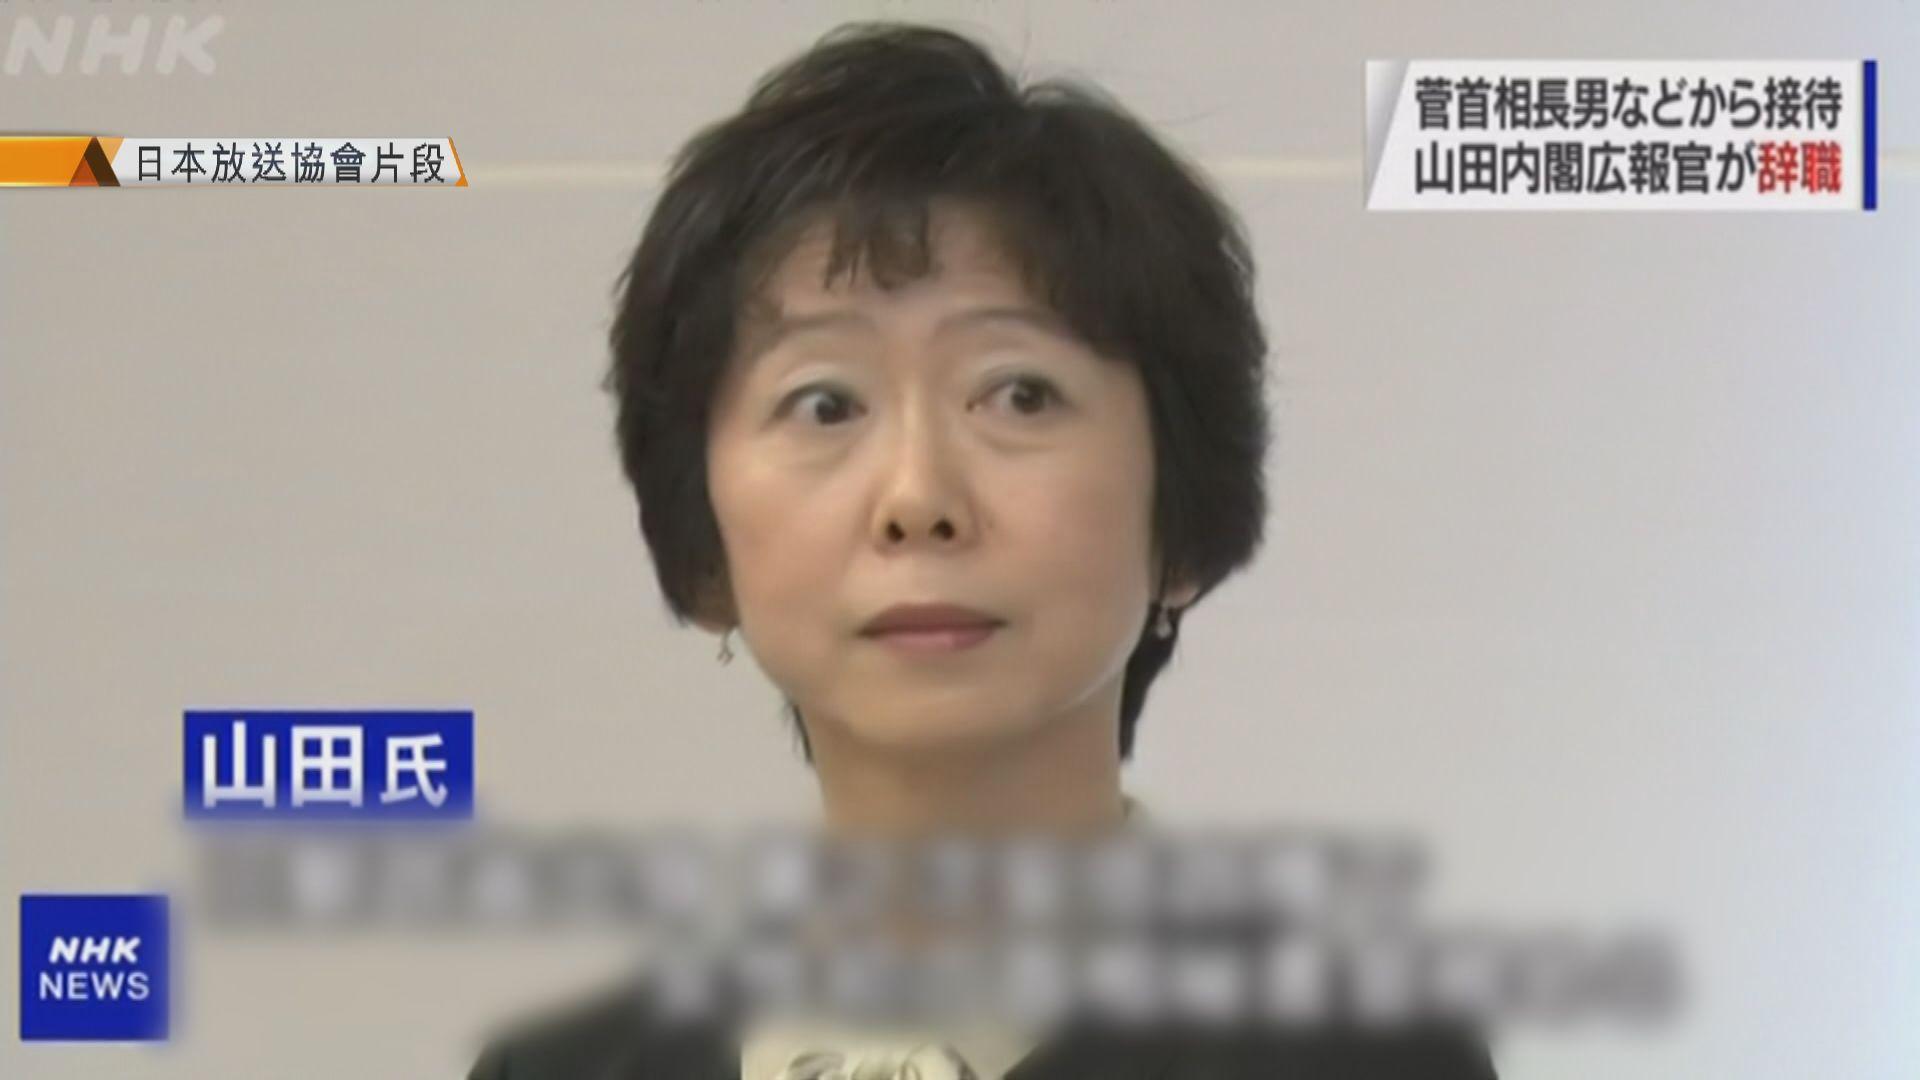 日內閣廣報官請辭獲准 曾捲入首相長子飯局醜聞